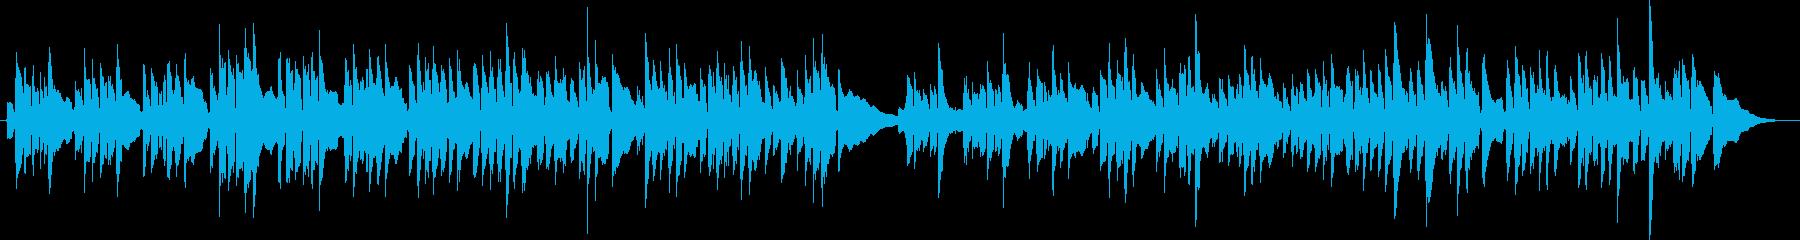 ヴィヴァルディ 春 アコギ クラシックの再生済みの波形